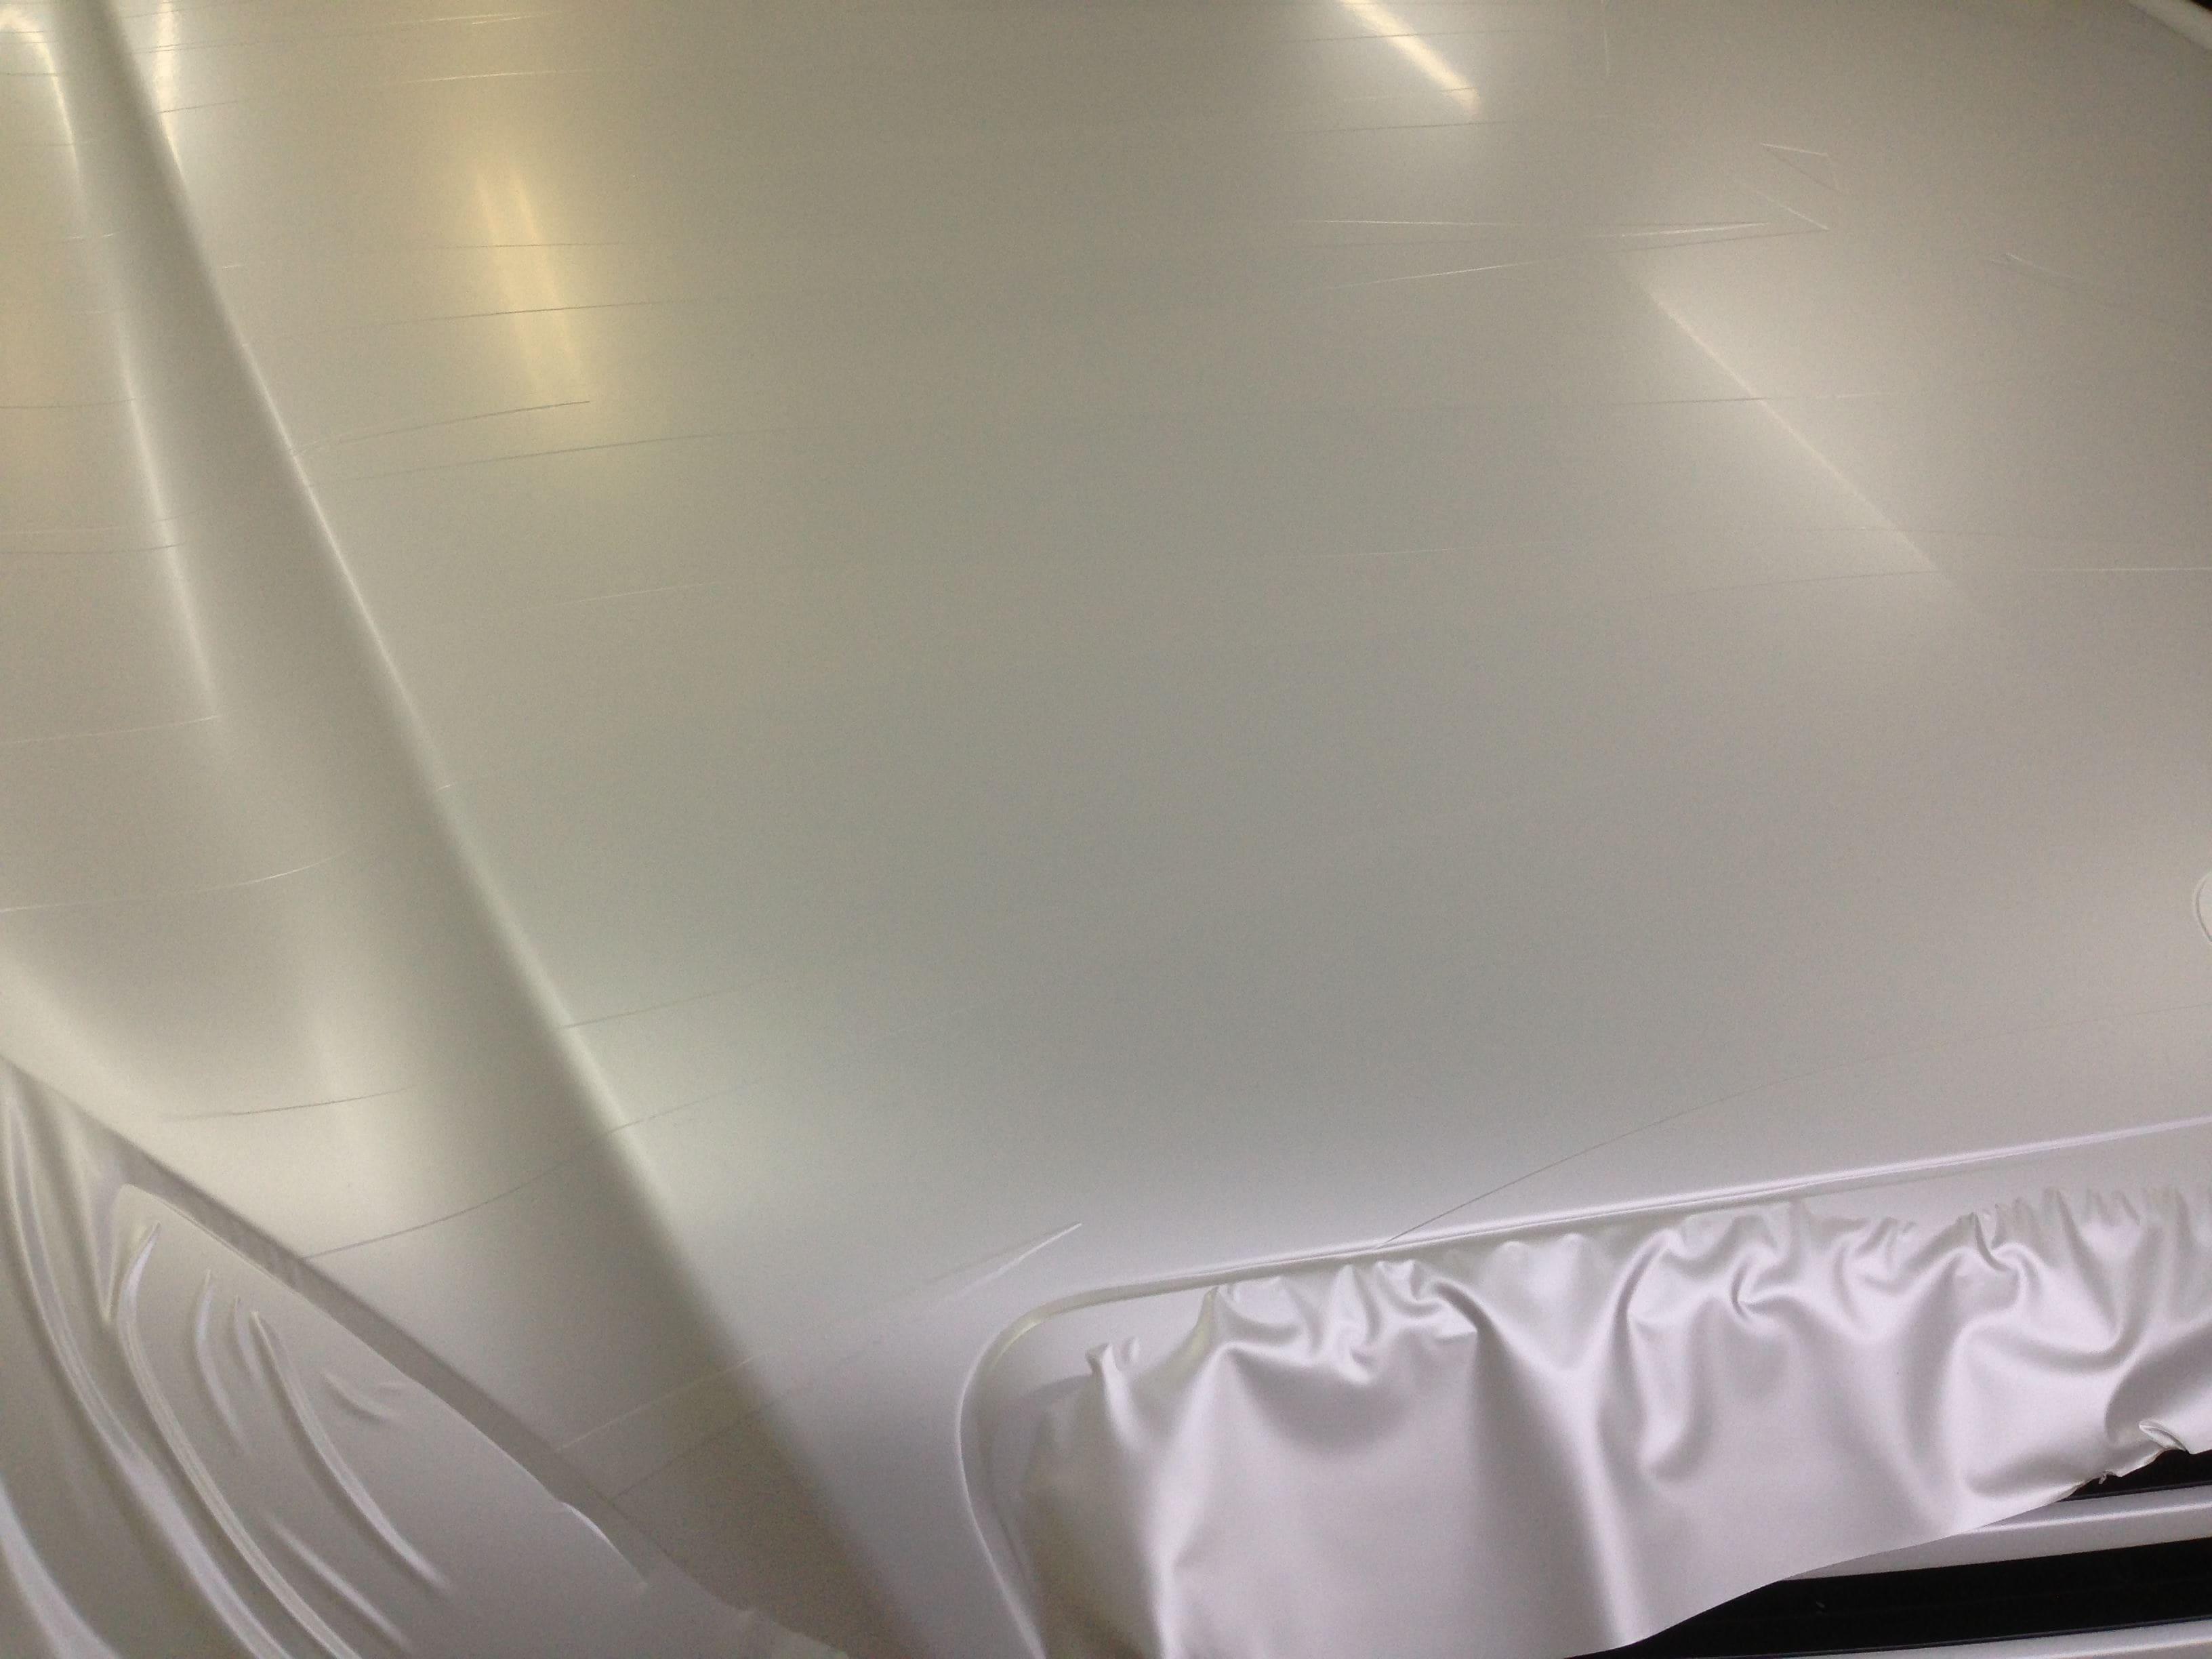 Mercedes S-Klasse AMG met Speciale Modball Wrap, Carwrapping door Wrapmyride.nu Foto-nr:6314, ©2020